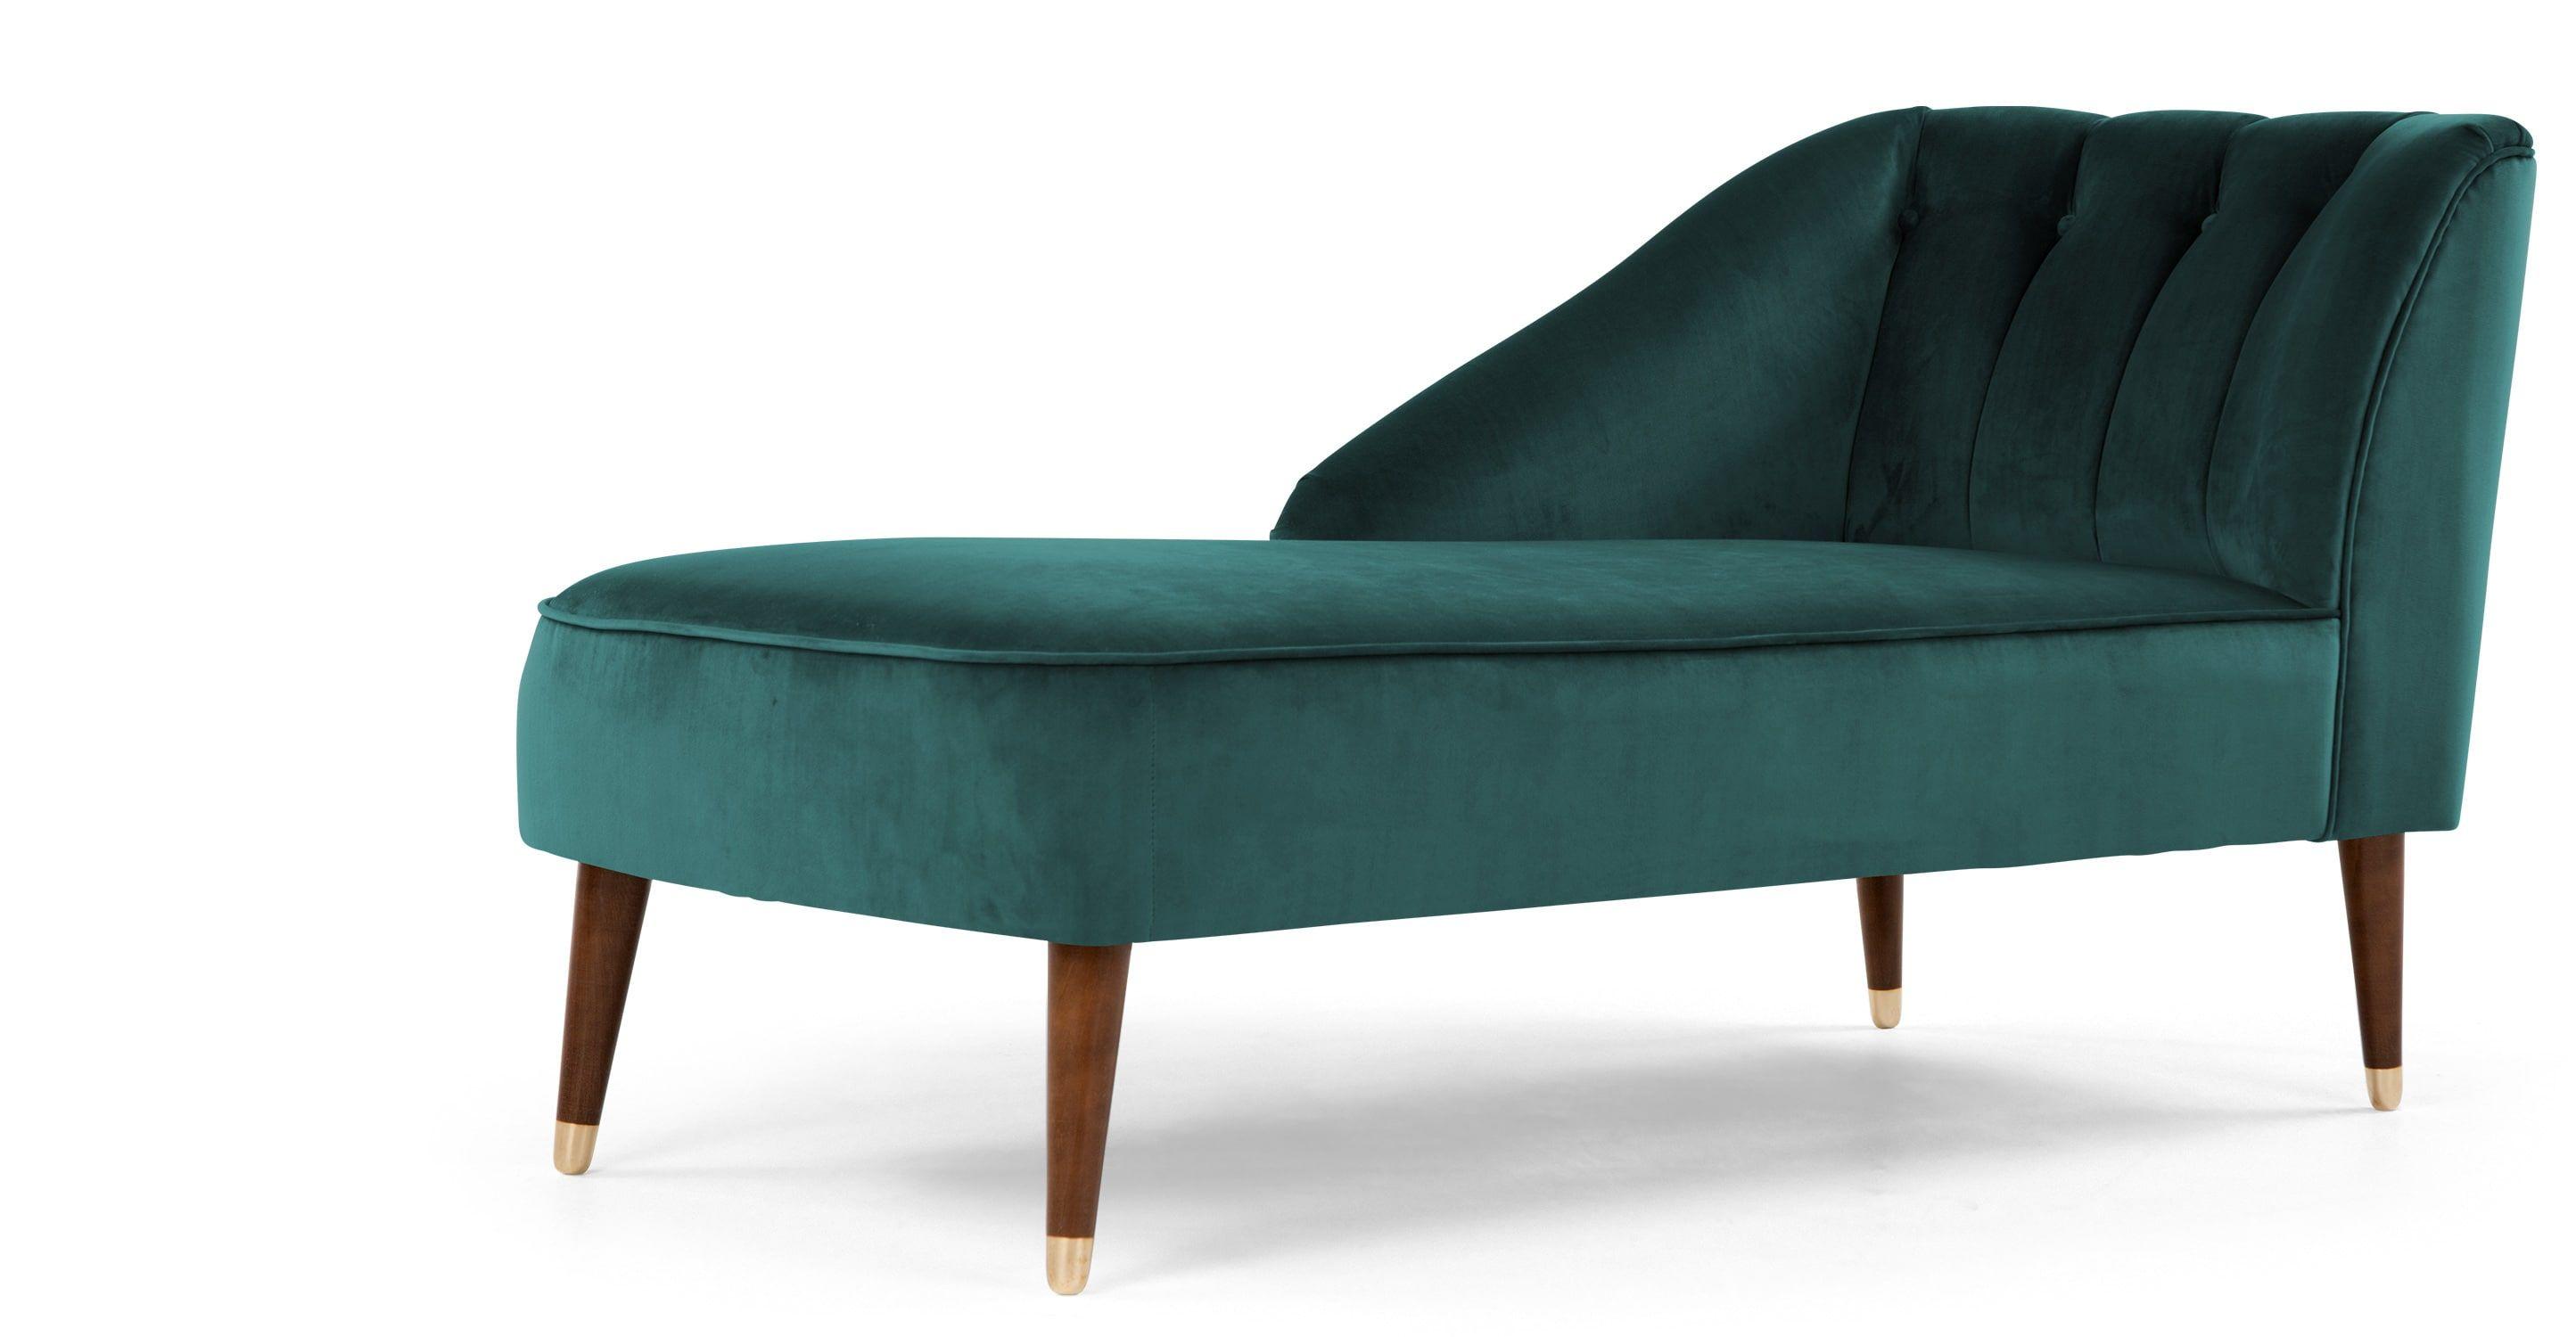 Erkunde Samt, Sofa Sessel Und Noch Mehr!